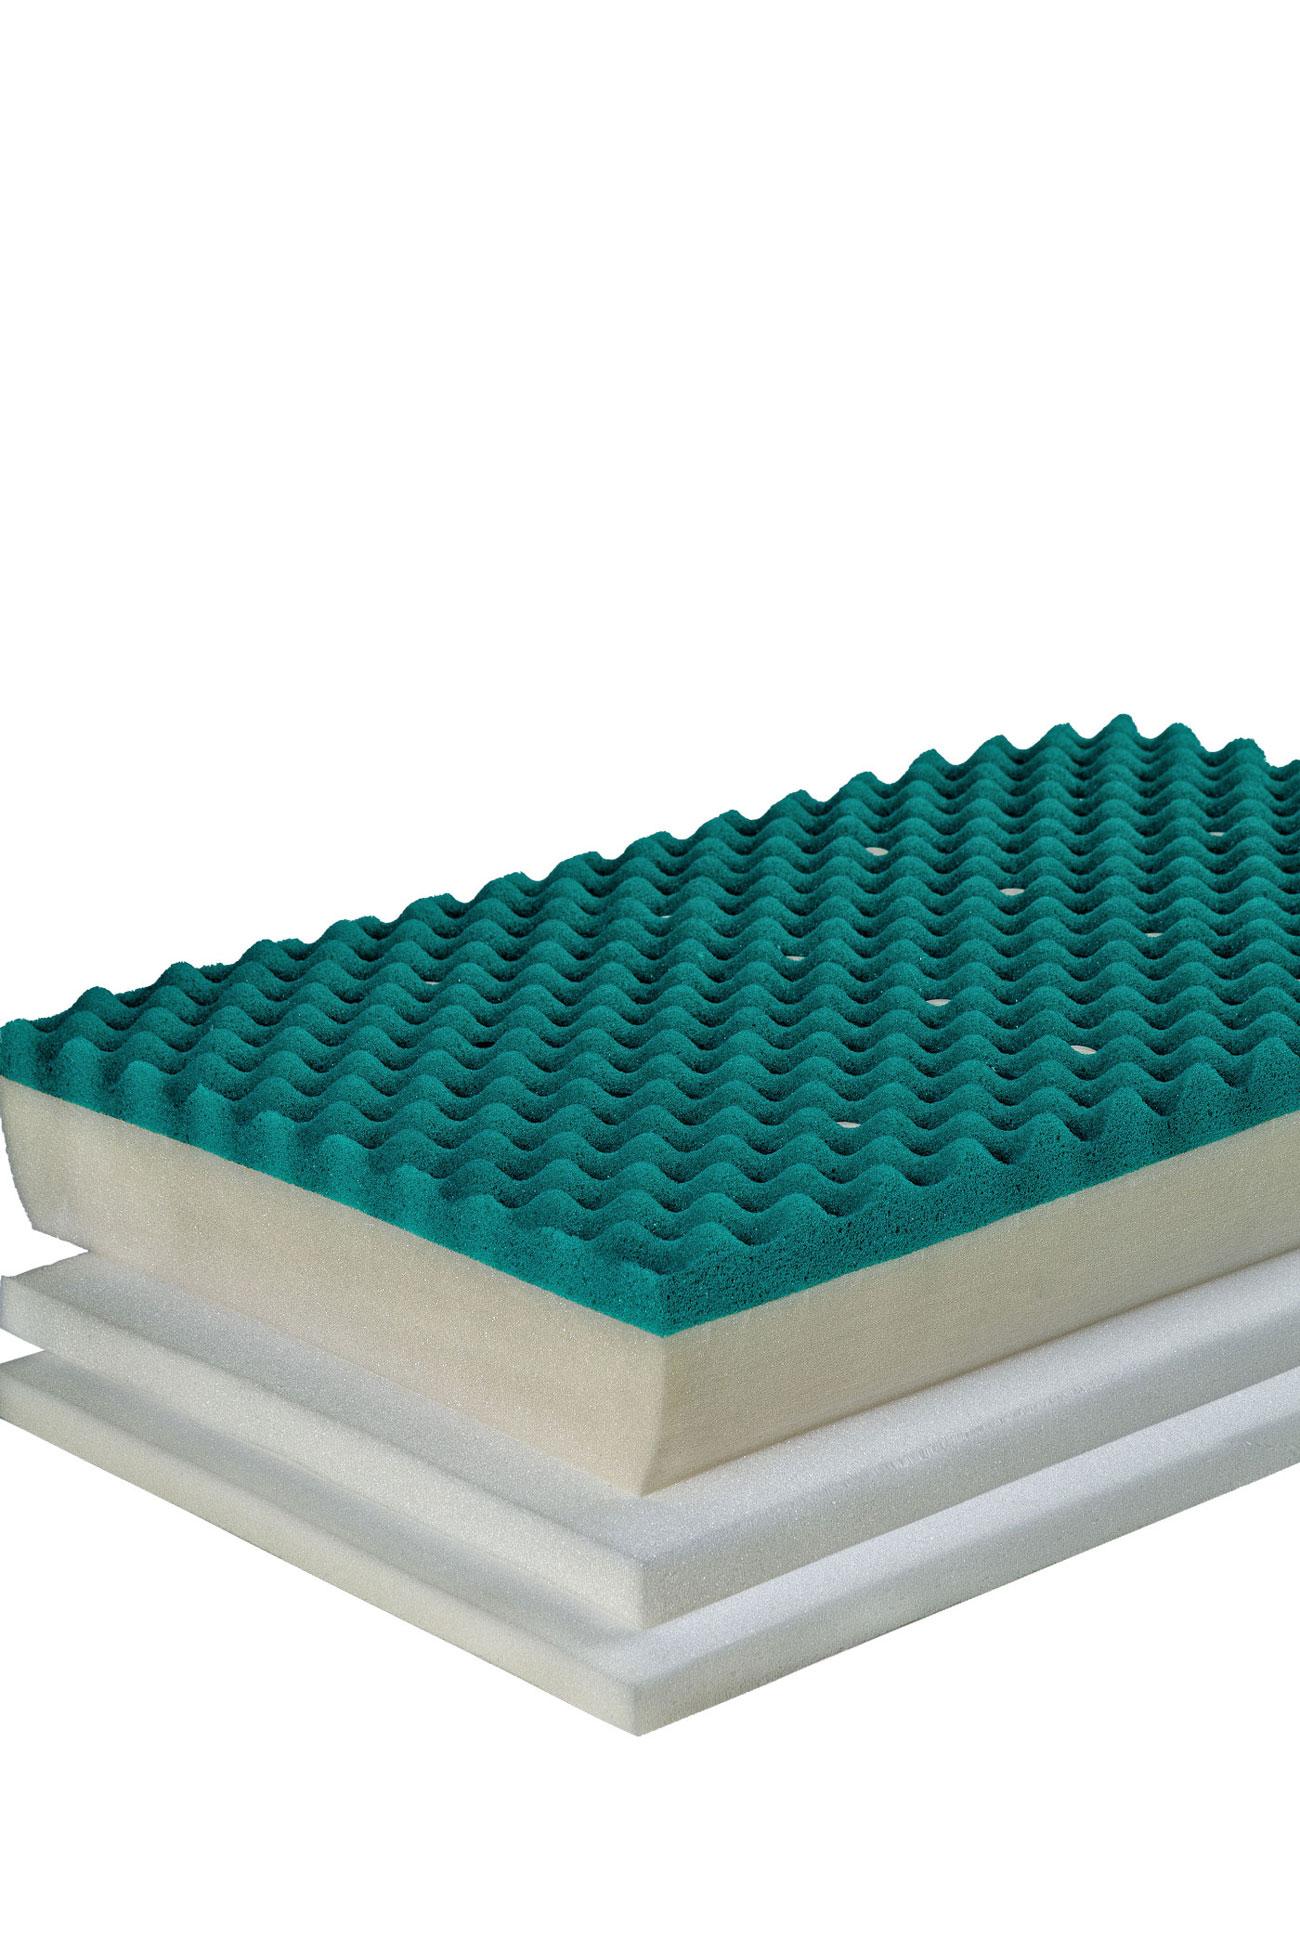 Travesseiro Magnético Kenko Premium STANDART One Face Camadas Ajustáveis Regulagem de Altura  - Kenko Premium Colchões